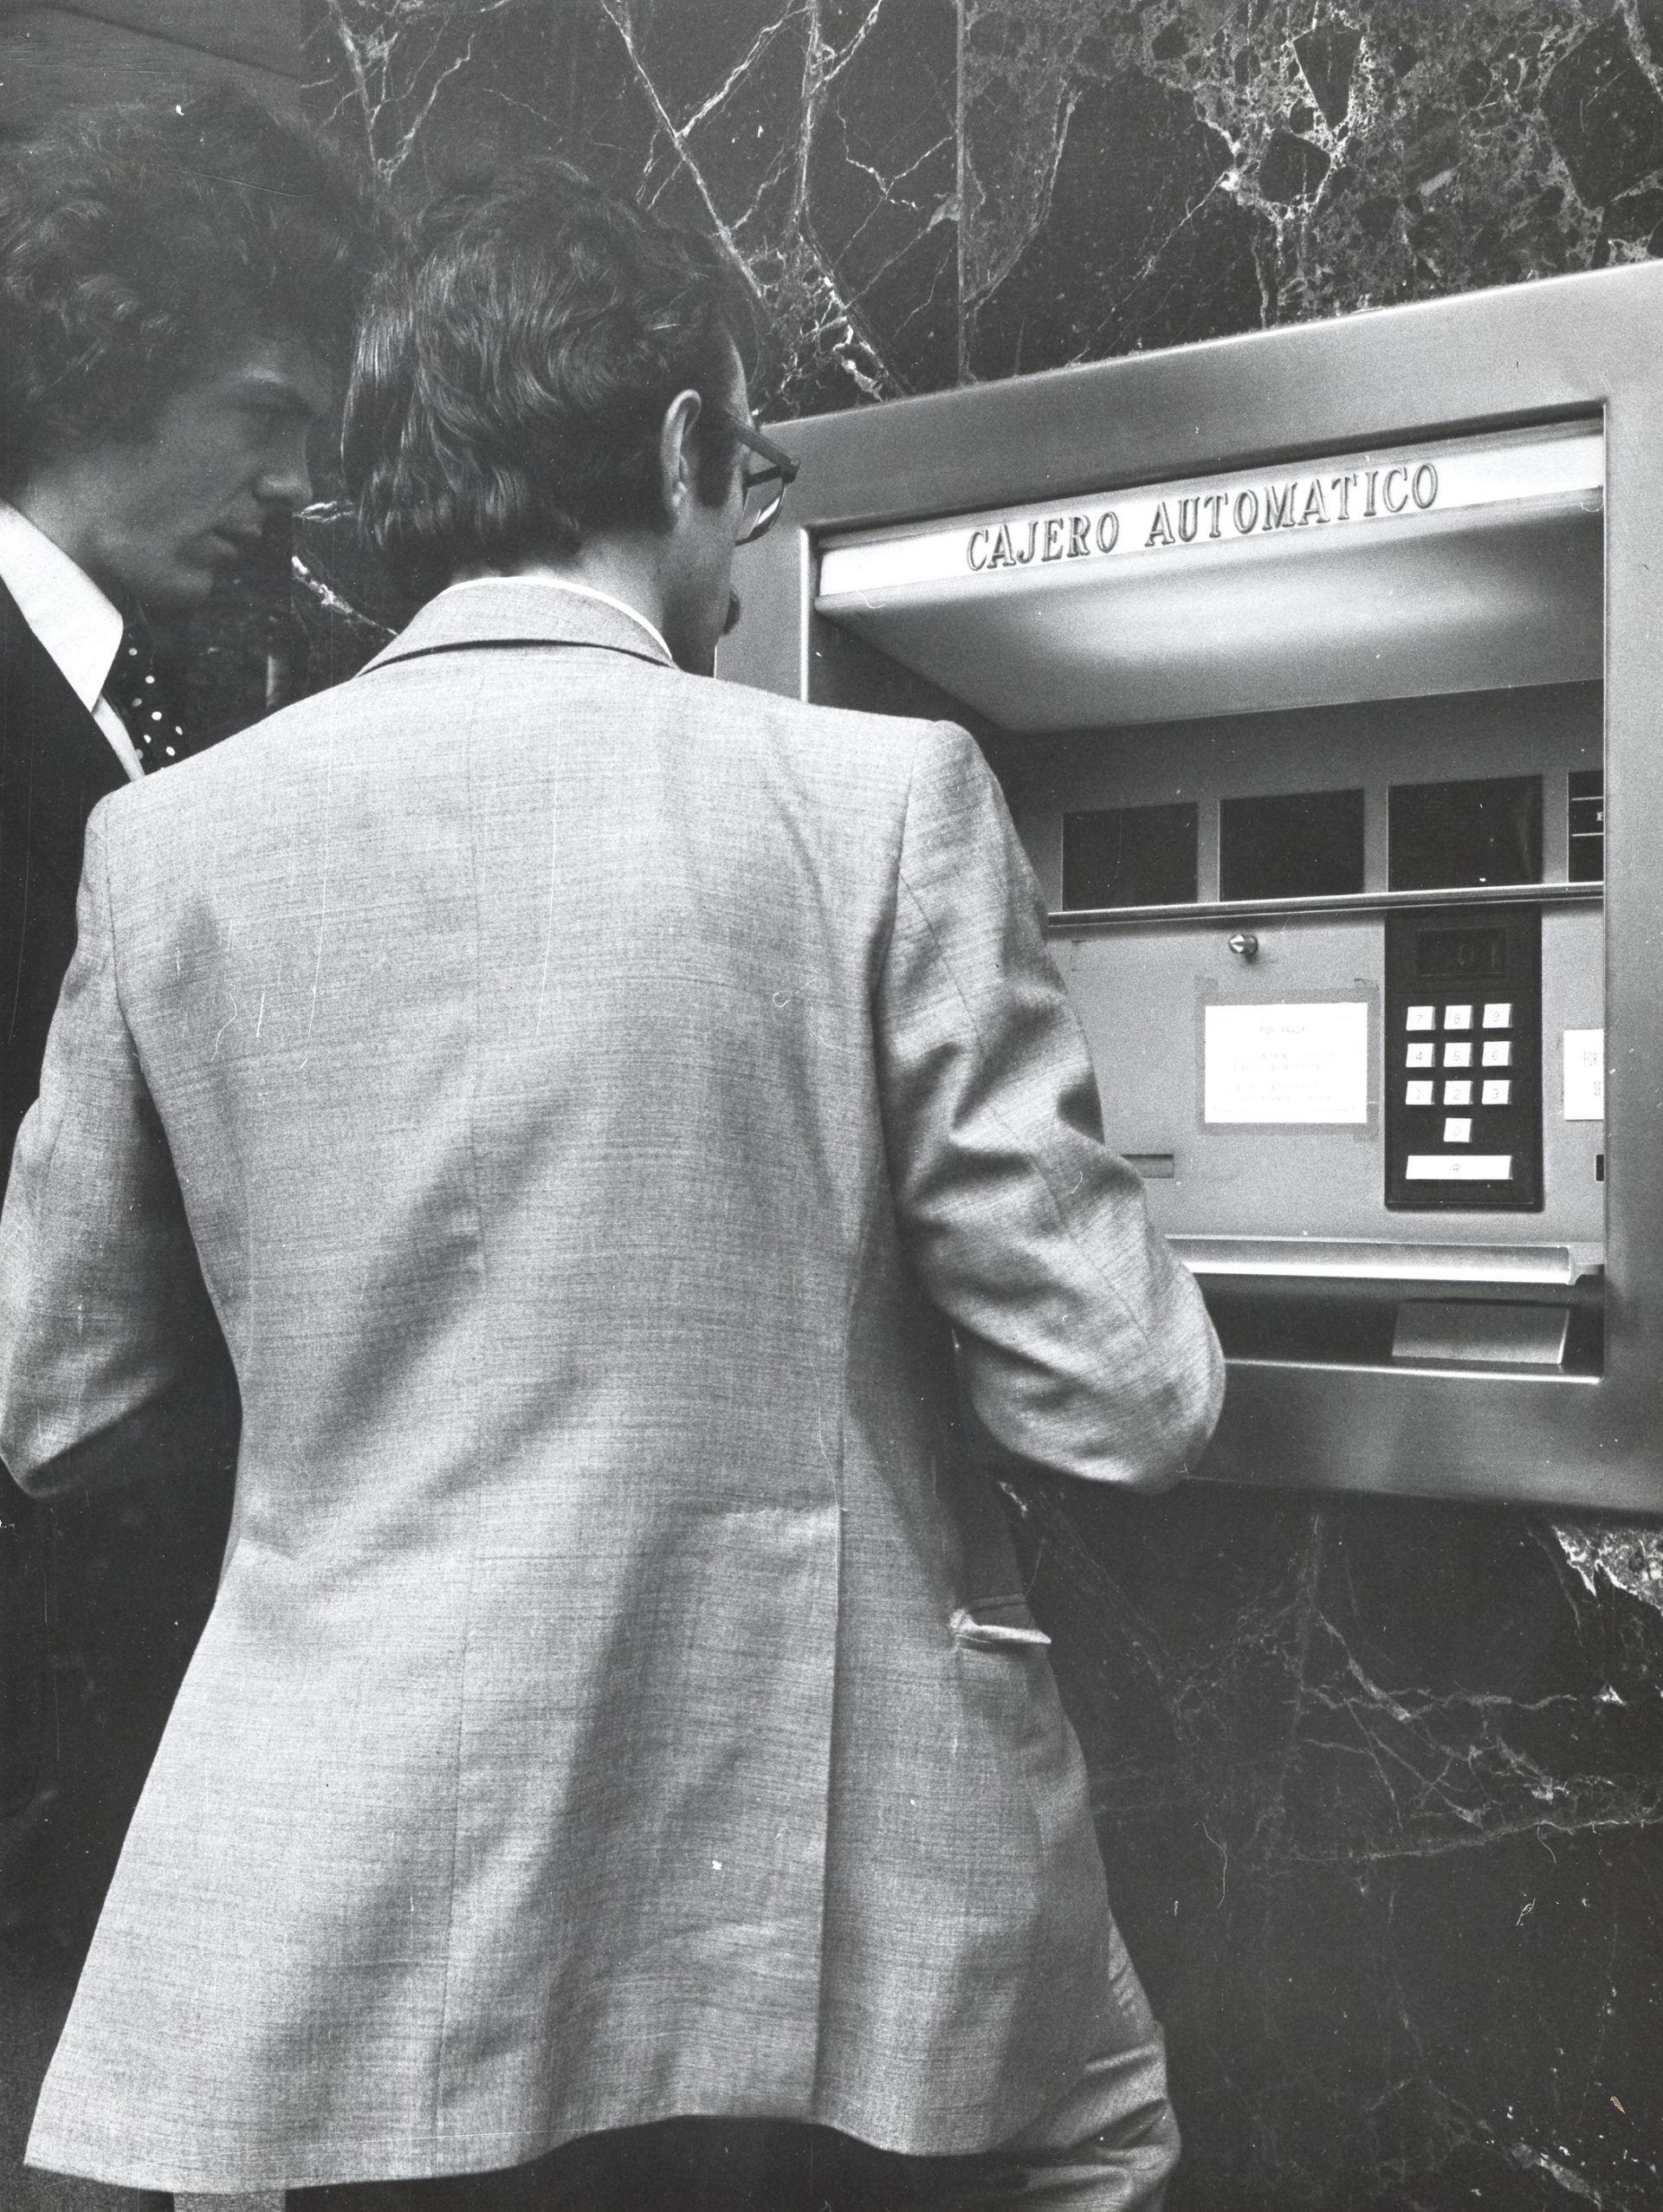 La fotografía data del 6 de junio de 1975 y fue realizada en Bilbao en la calle Gran Vía, 1.